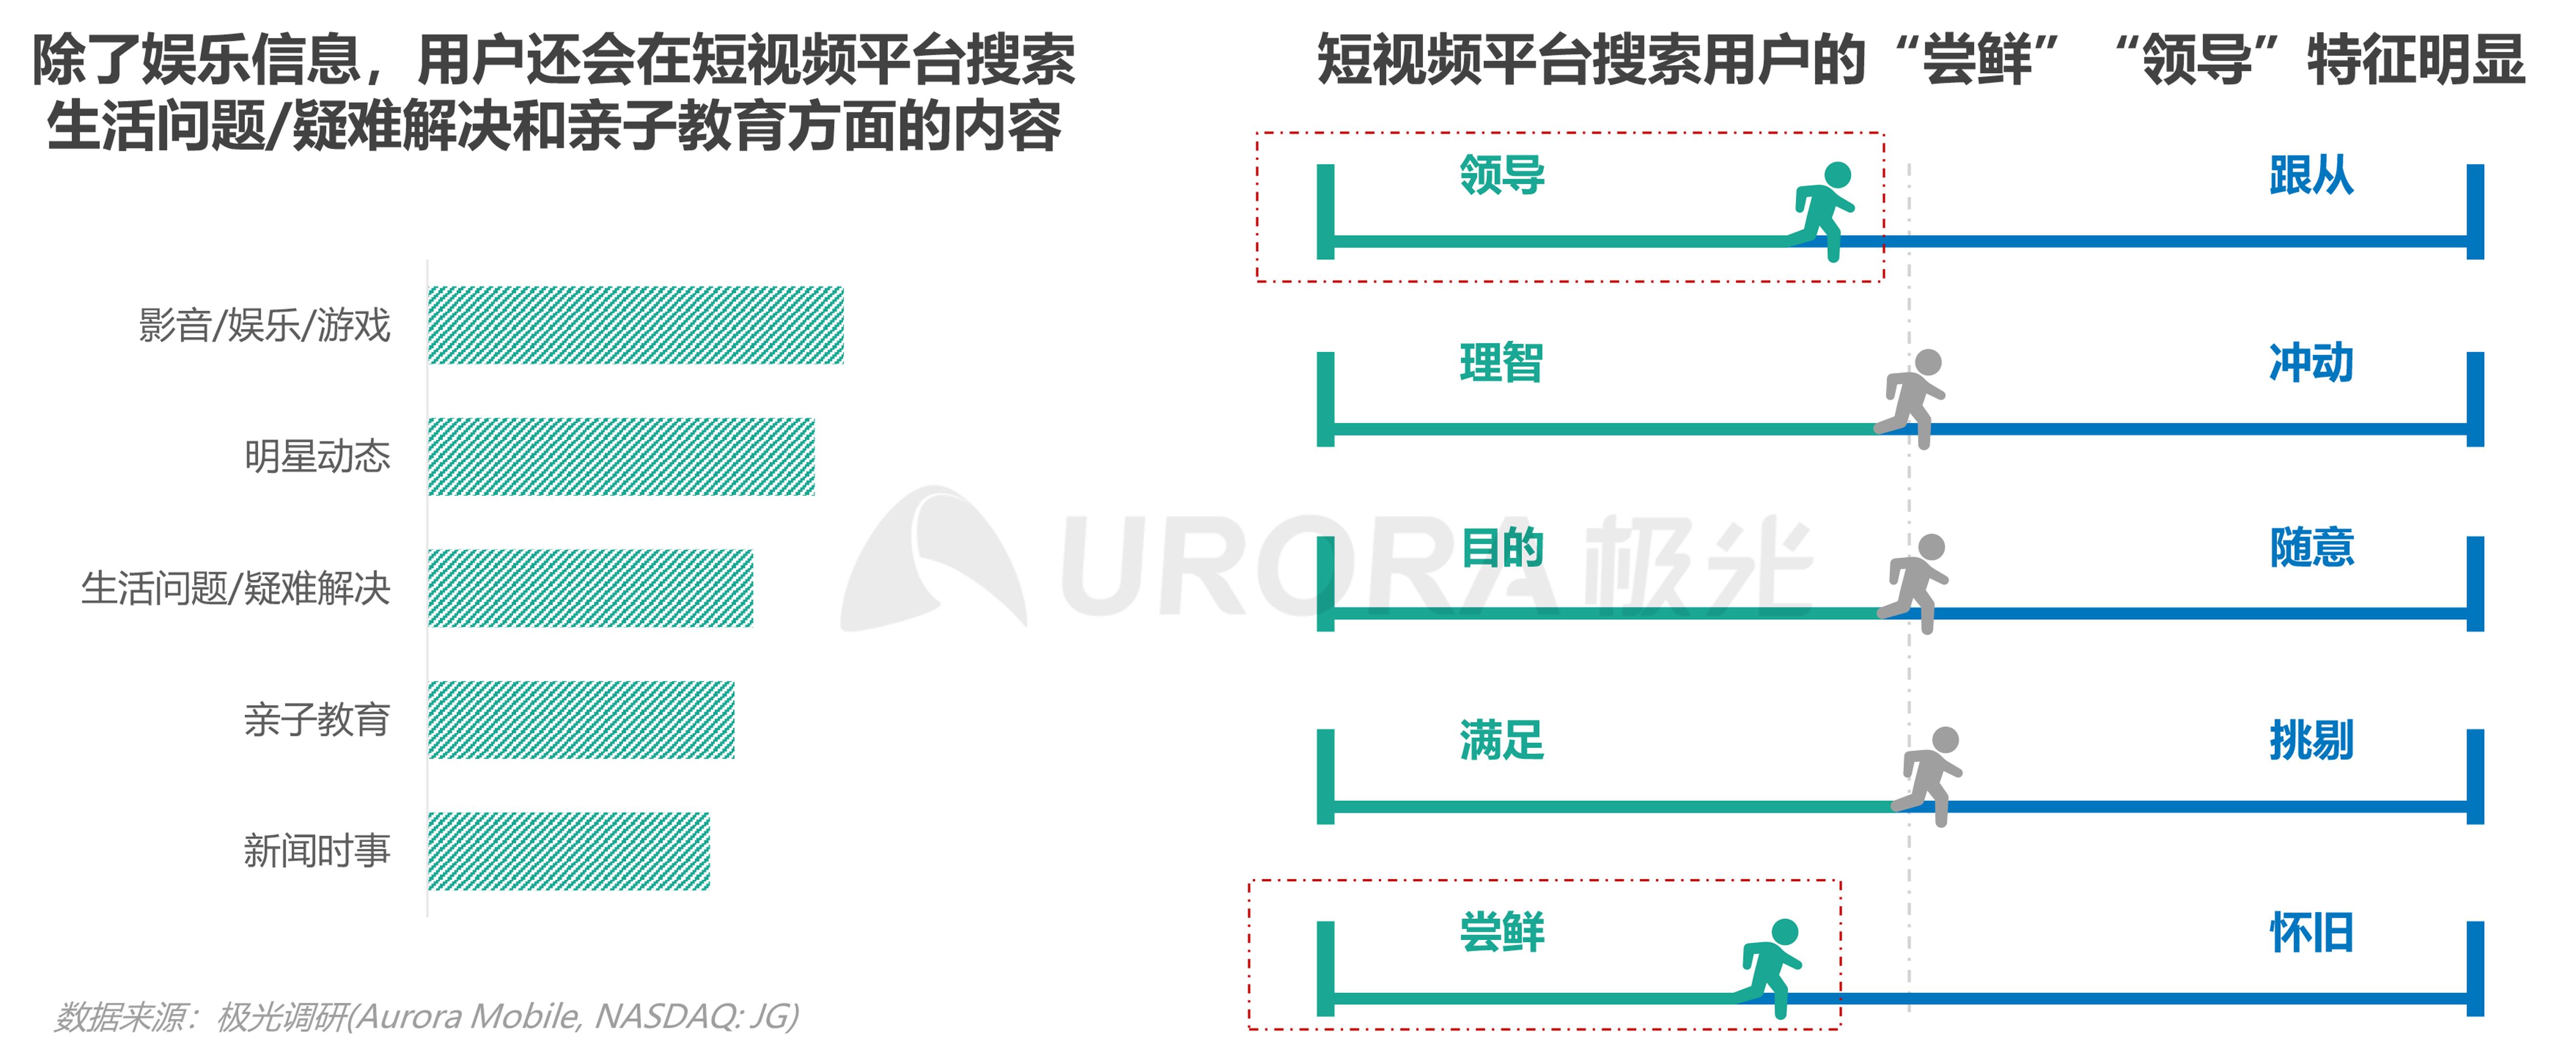 极光:内容生态搜索趋势报告png (9).png